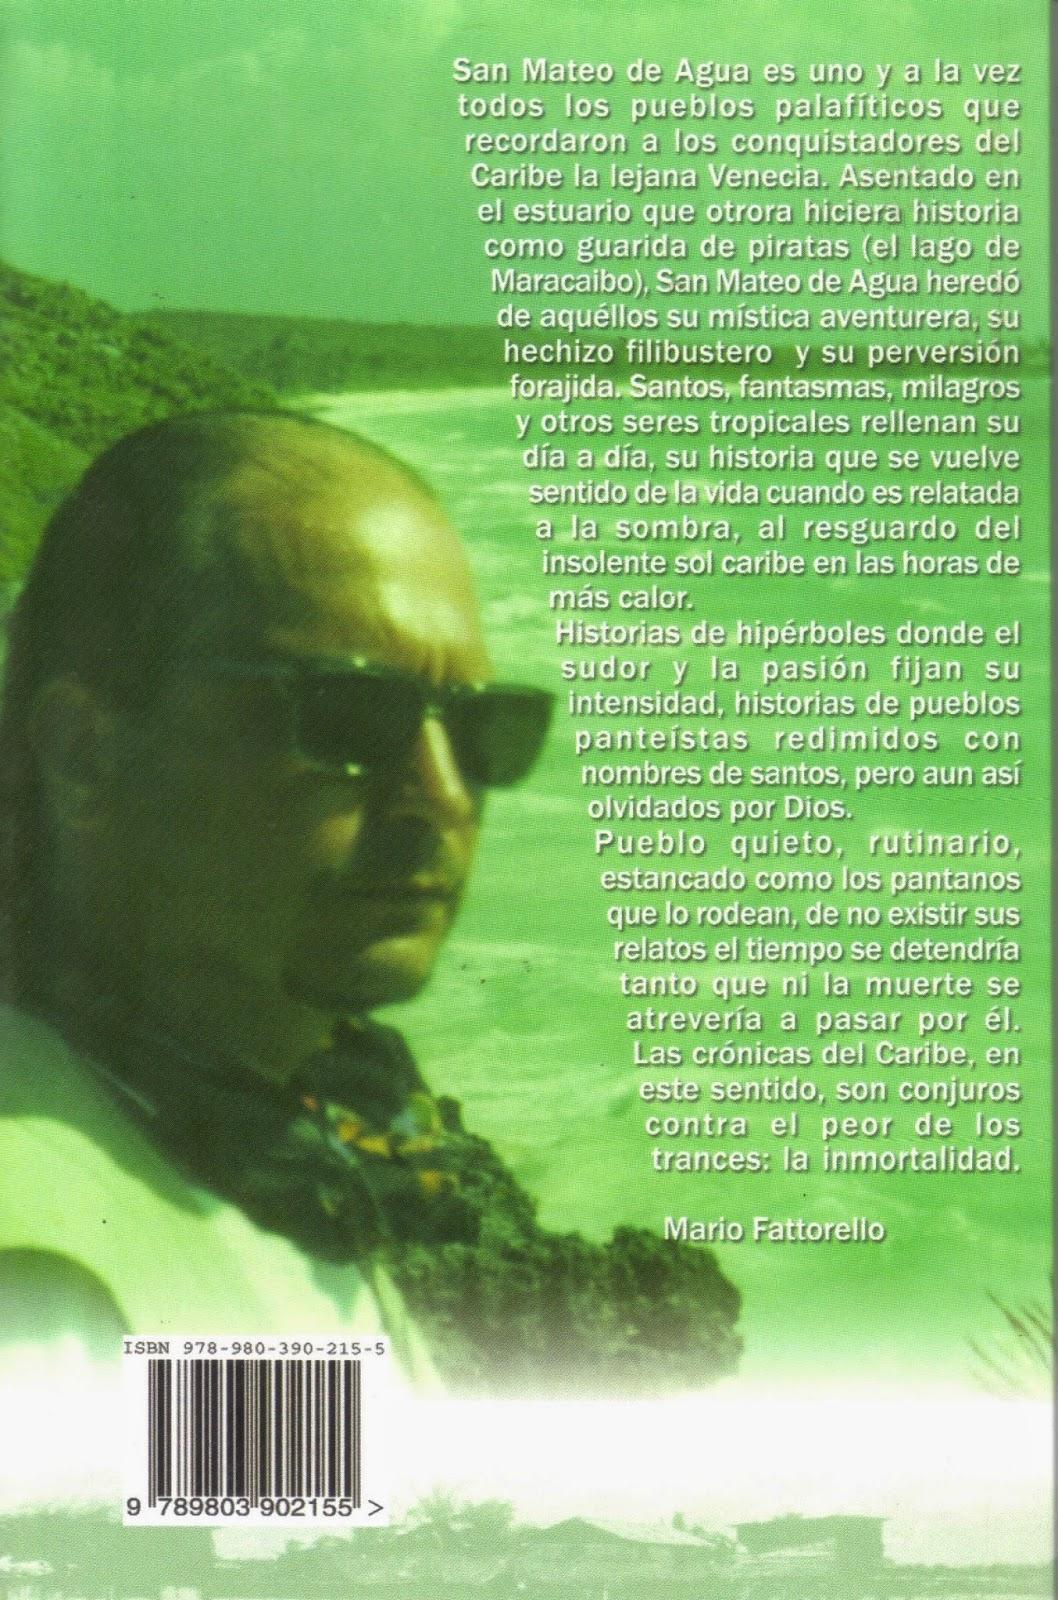 Contraportada de relatos a la sombra de San Mateo Mario Fattorello